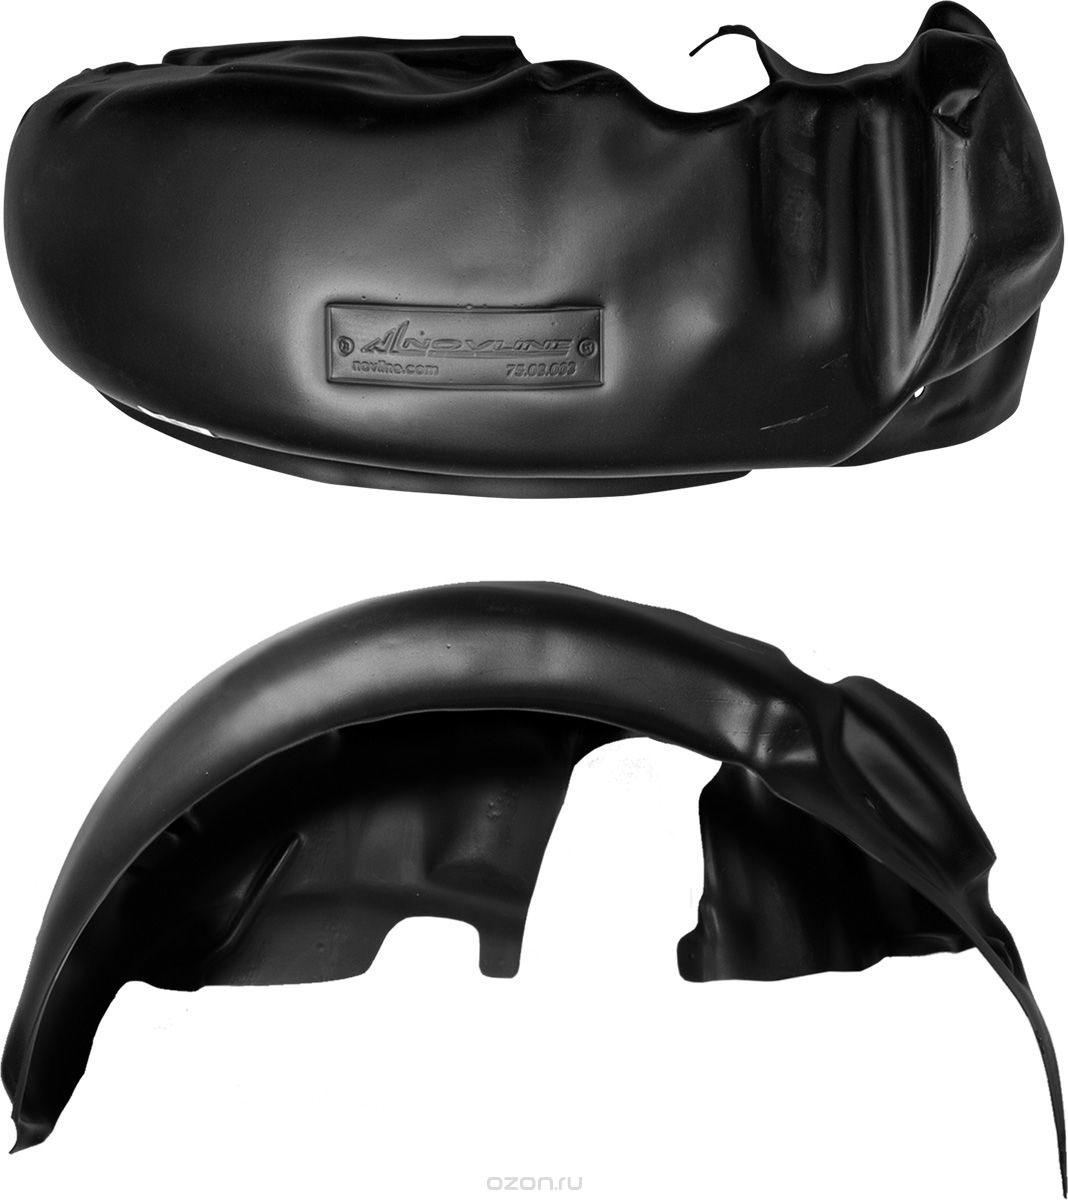 Подкрылок Novline-Autofamily, для GREAT WALL Hover H6, 2013->, передний левыйNLL.59.11.001Идеальная защита колесной ниши. Локеры разработаны с применением цифровых технологий, гарантируют максимальную повторяемость поверхности арки. Изделия устанавливаются без нарушения лакокрасочного покрытия автомобиля, каждый подкрылок комплектуется крепежом. Уважаемые клиенты, обращаем ваше внимание, что фотографии на подкрылки универсальные и не отражают реальную форму изделия. При этом само изделие идет точно под размер указанного автомобиля.